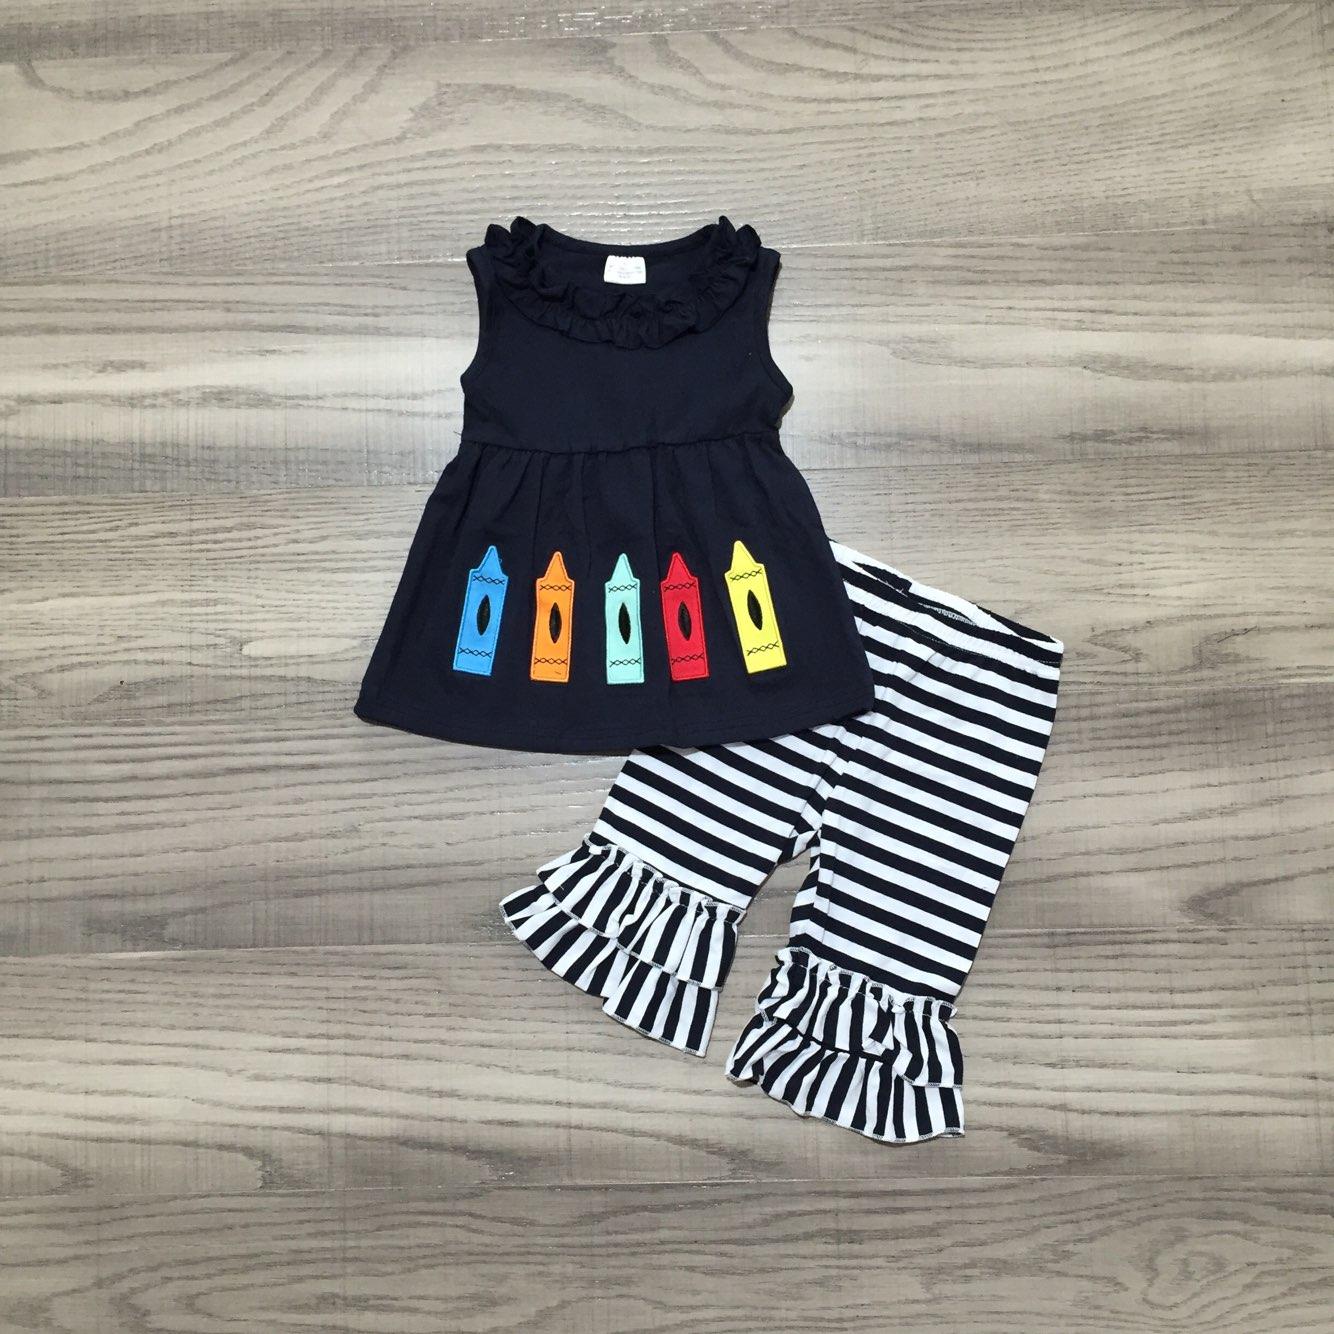 Girlymax назад в школу, одежда для девочек, комбинезон с рисунком из мультфильма Аниме Crayon; Детская одежда в полоску; Капри комплект одежды из хл...